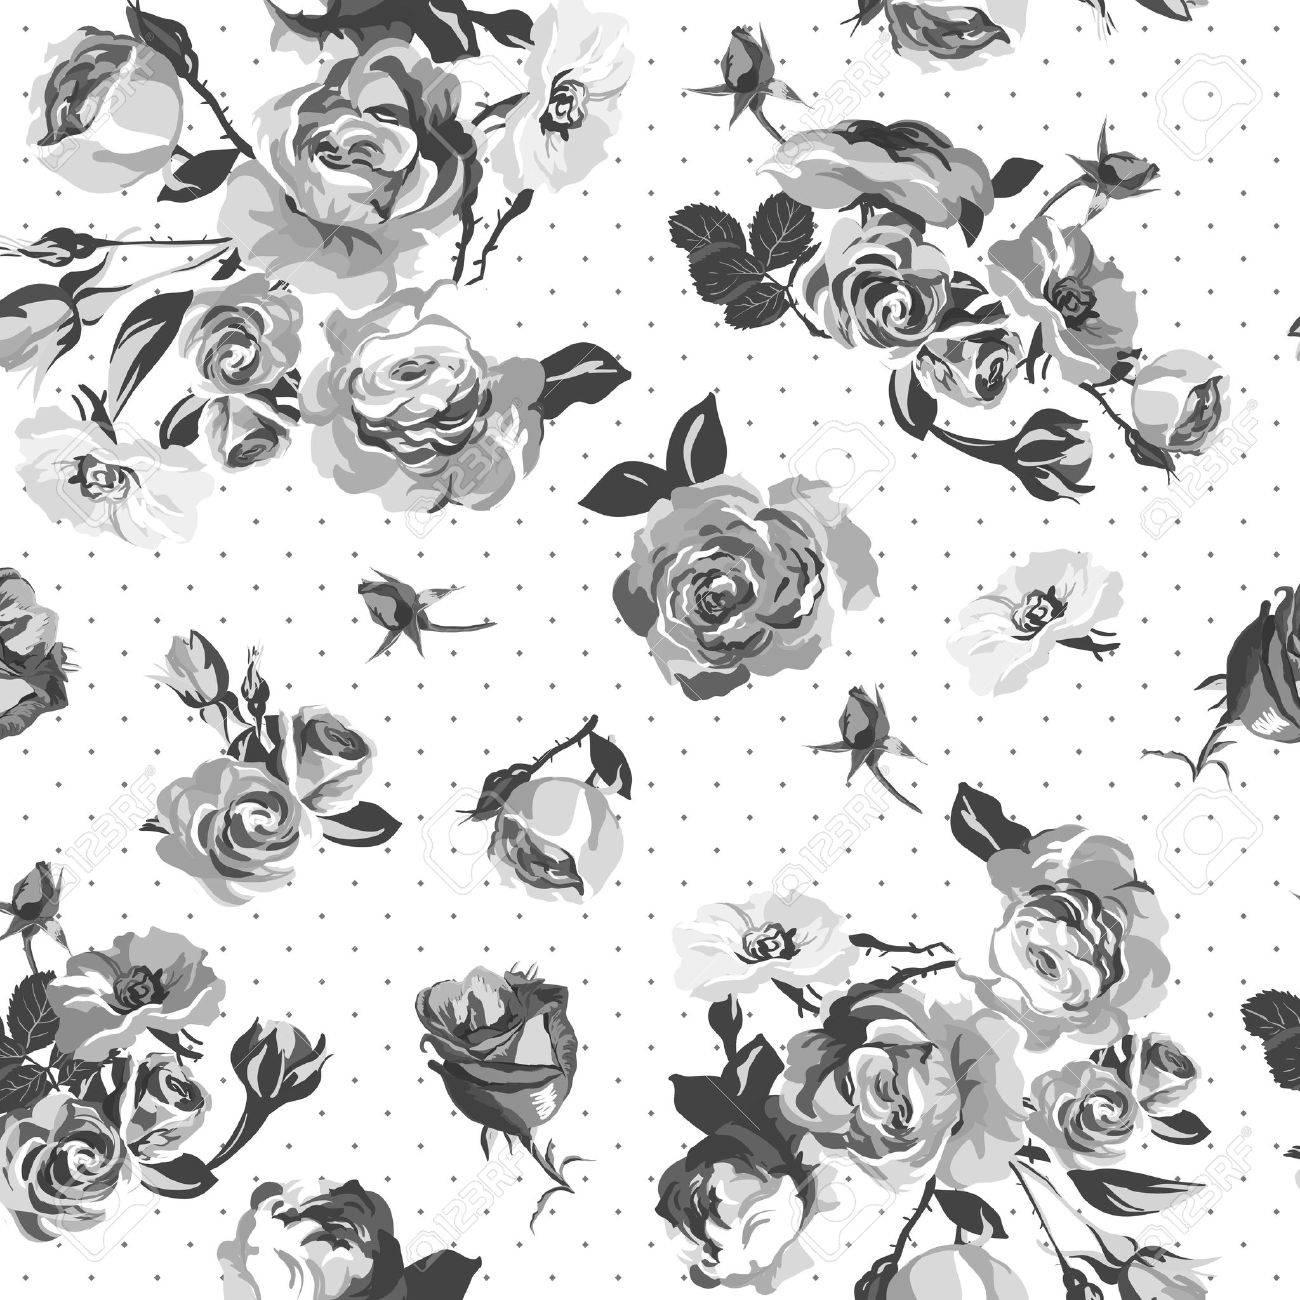 ビンテージ白黒バラ パターンのイラスト素材ベクタ Image 27375656